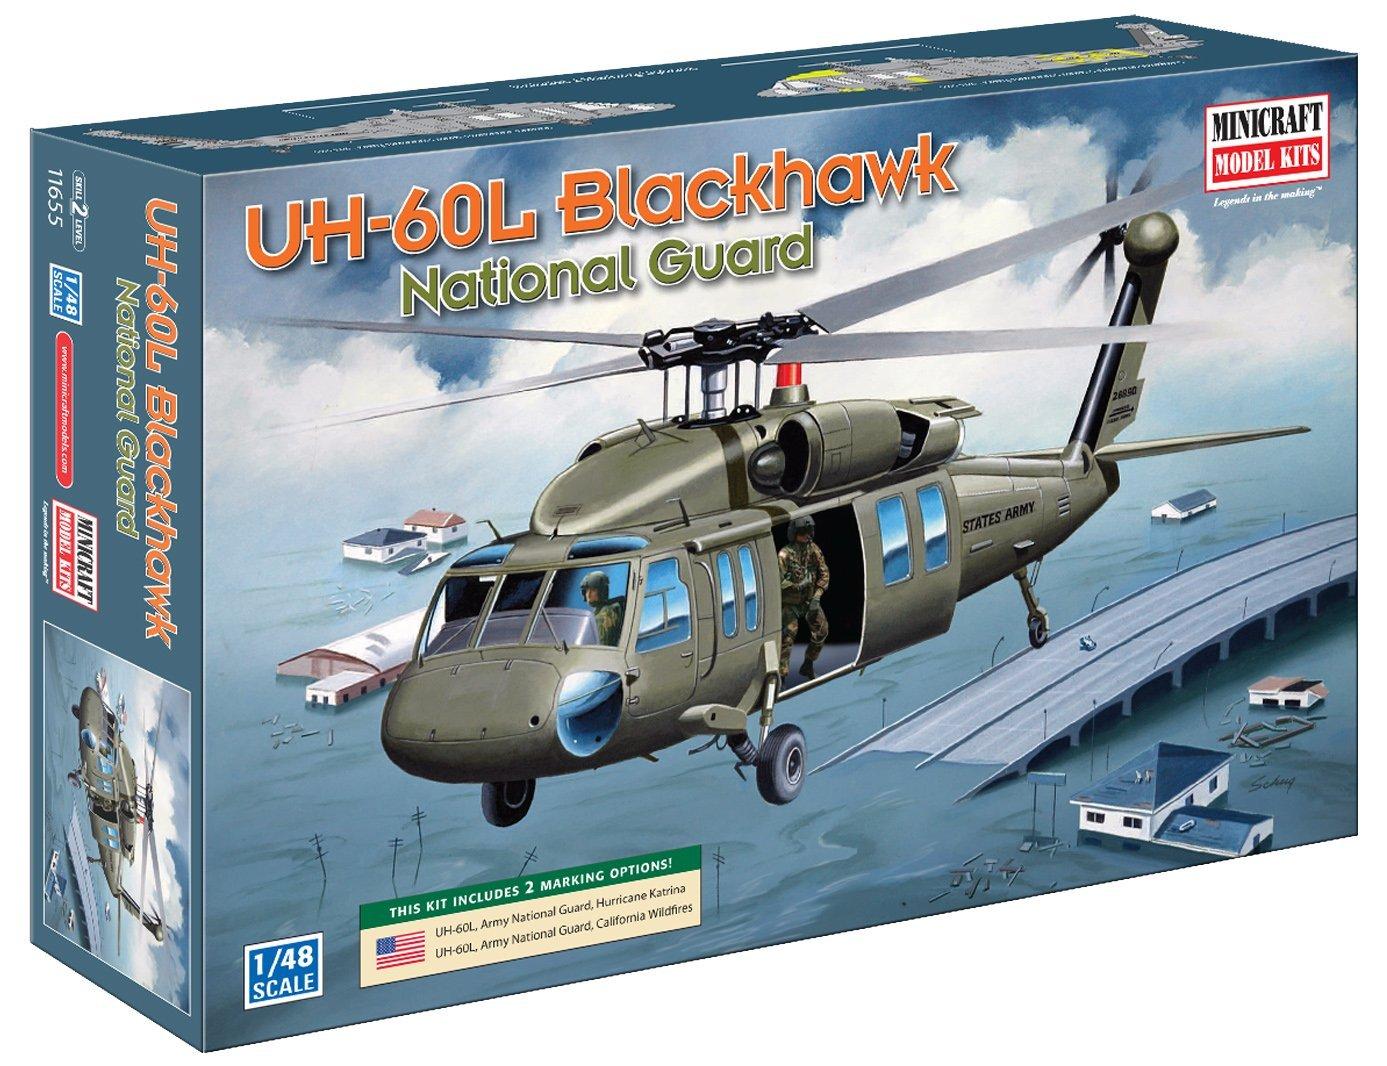 oferta de tienda Minicraft - - - Juguete de aeromodelismo Escala 1 48 (MCR11655)  El nuevo outlet de marcas online.